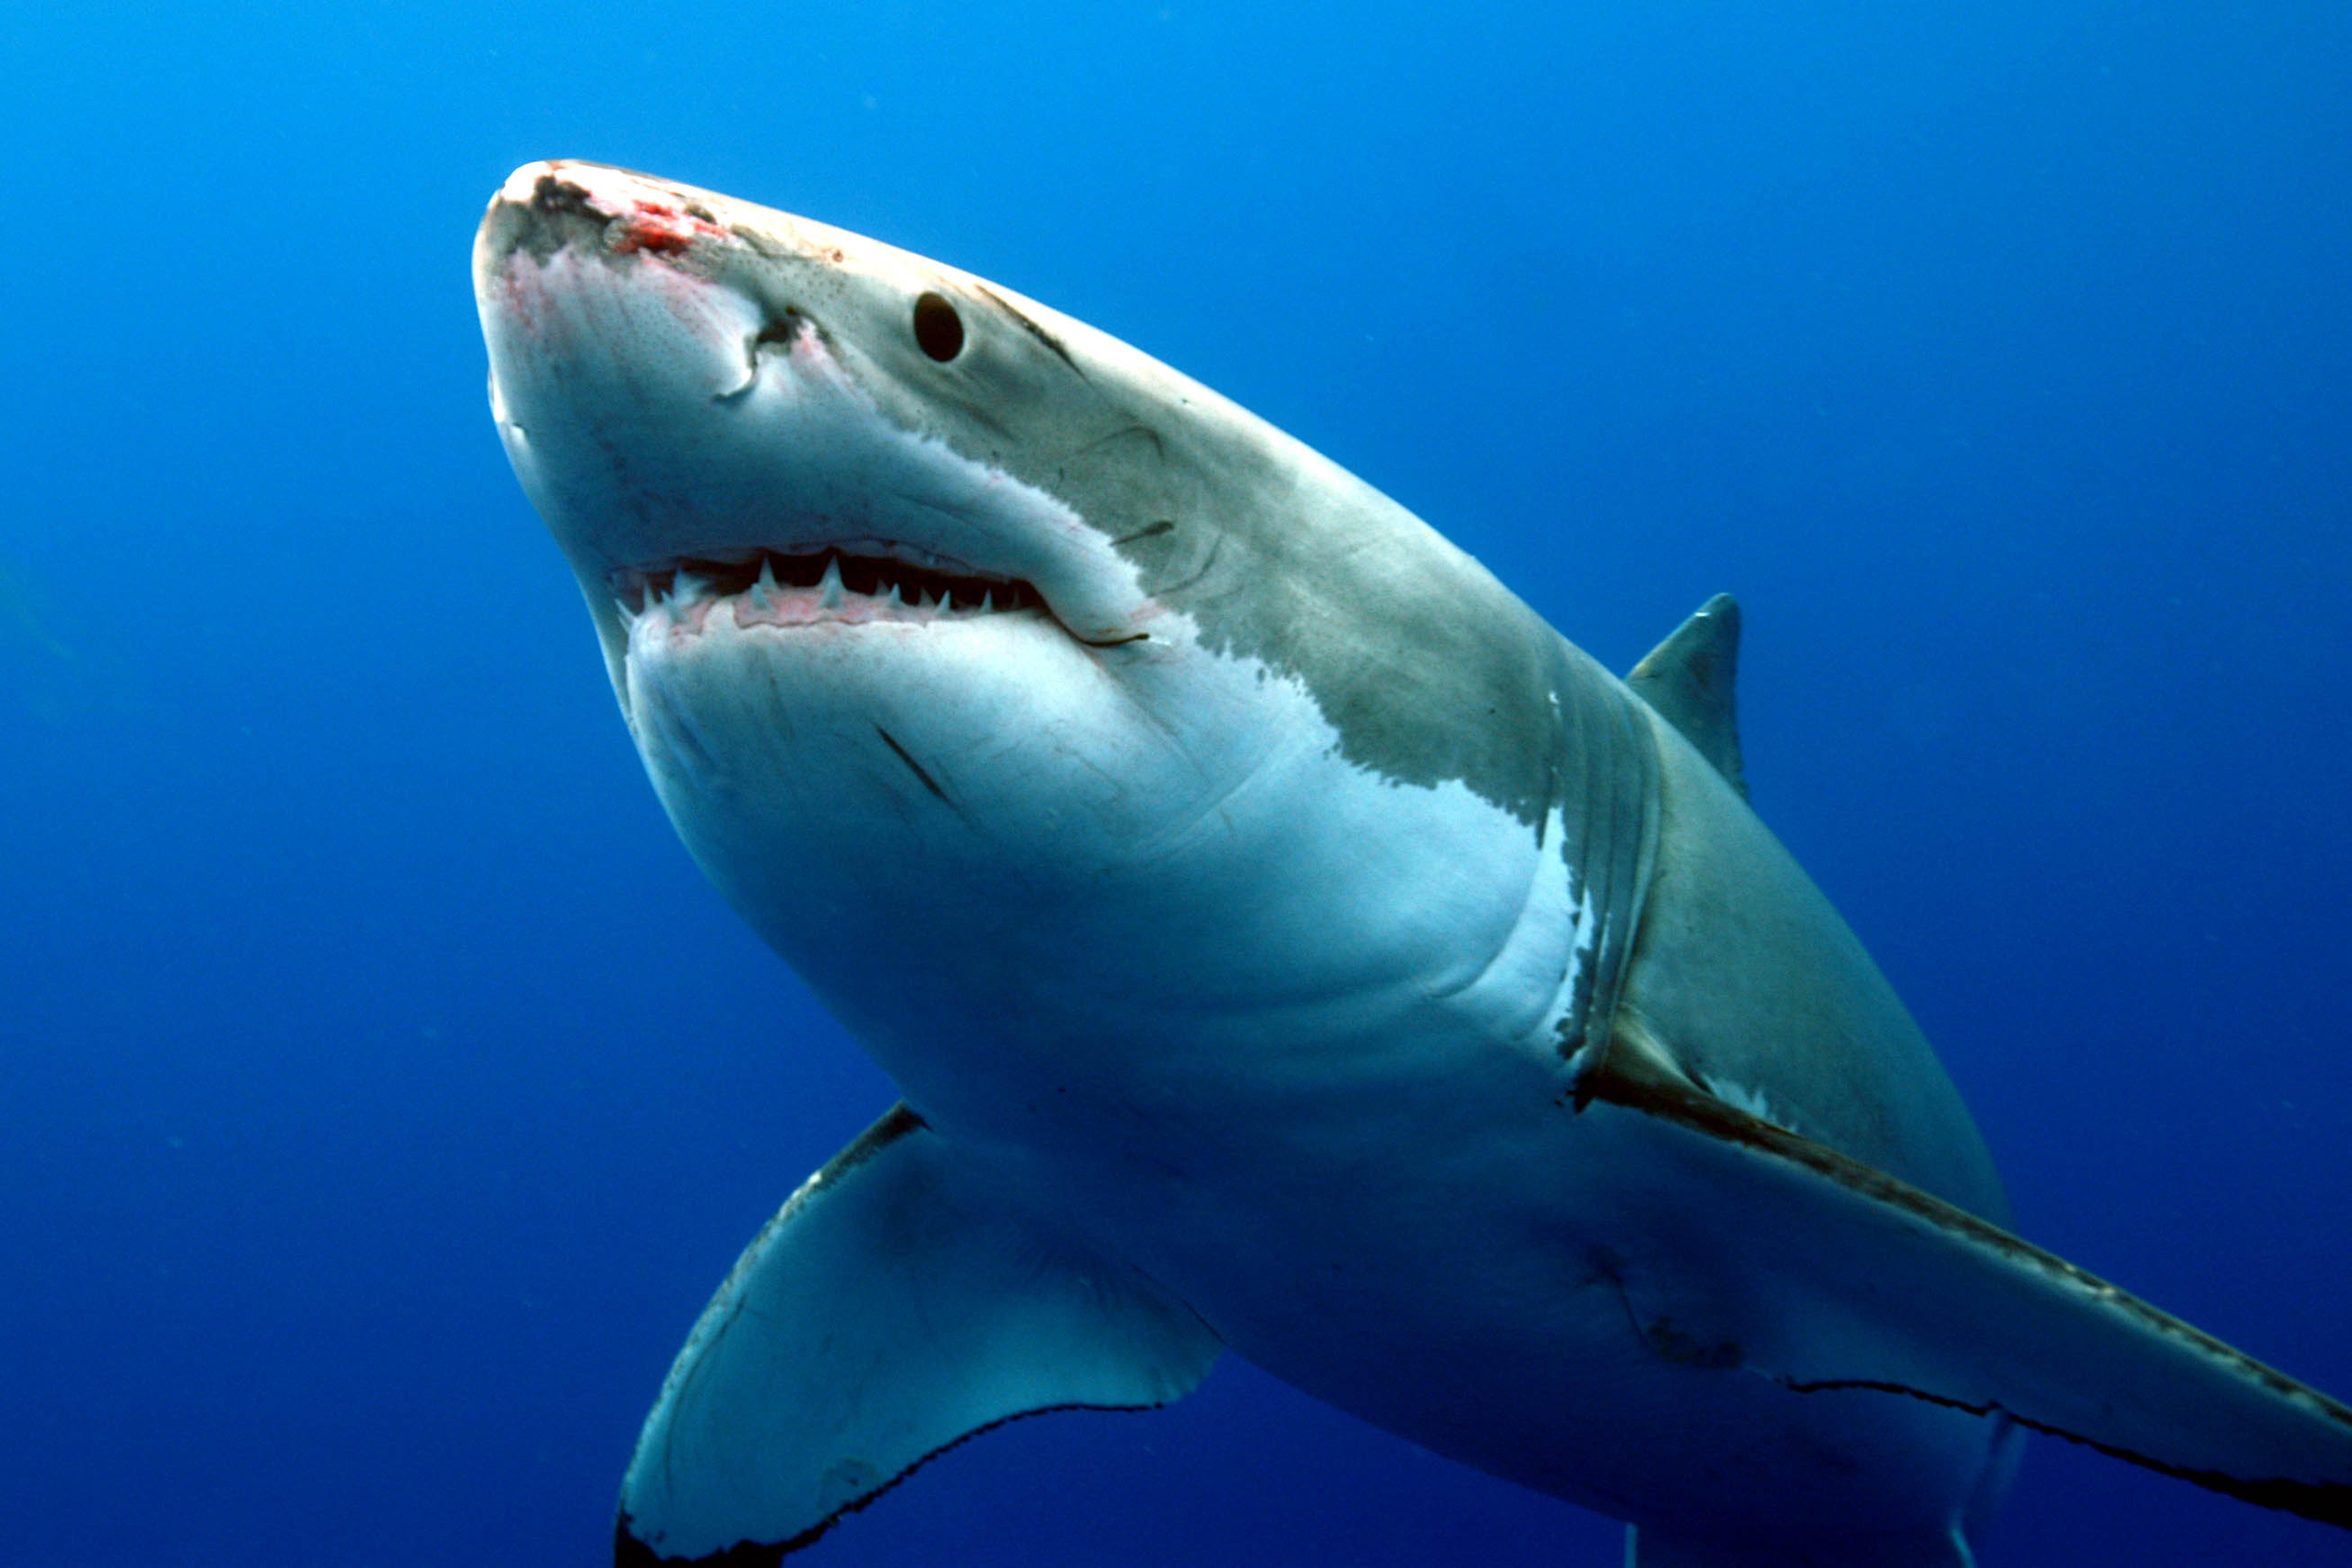 Tubarão branco mostrando a parte ventral branca